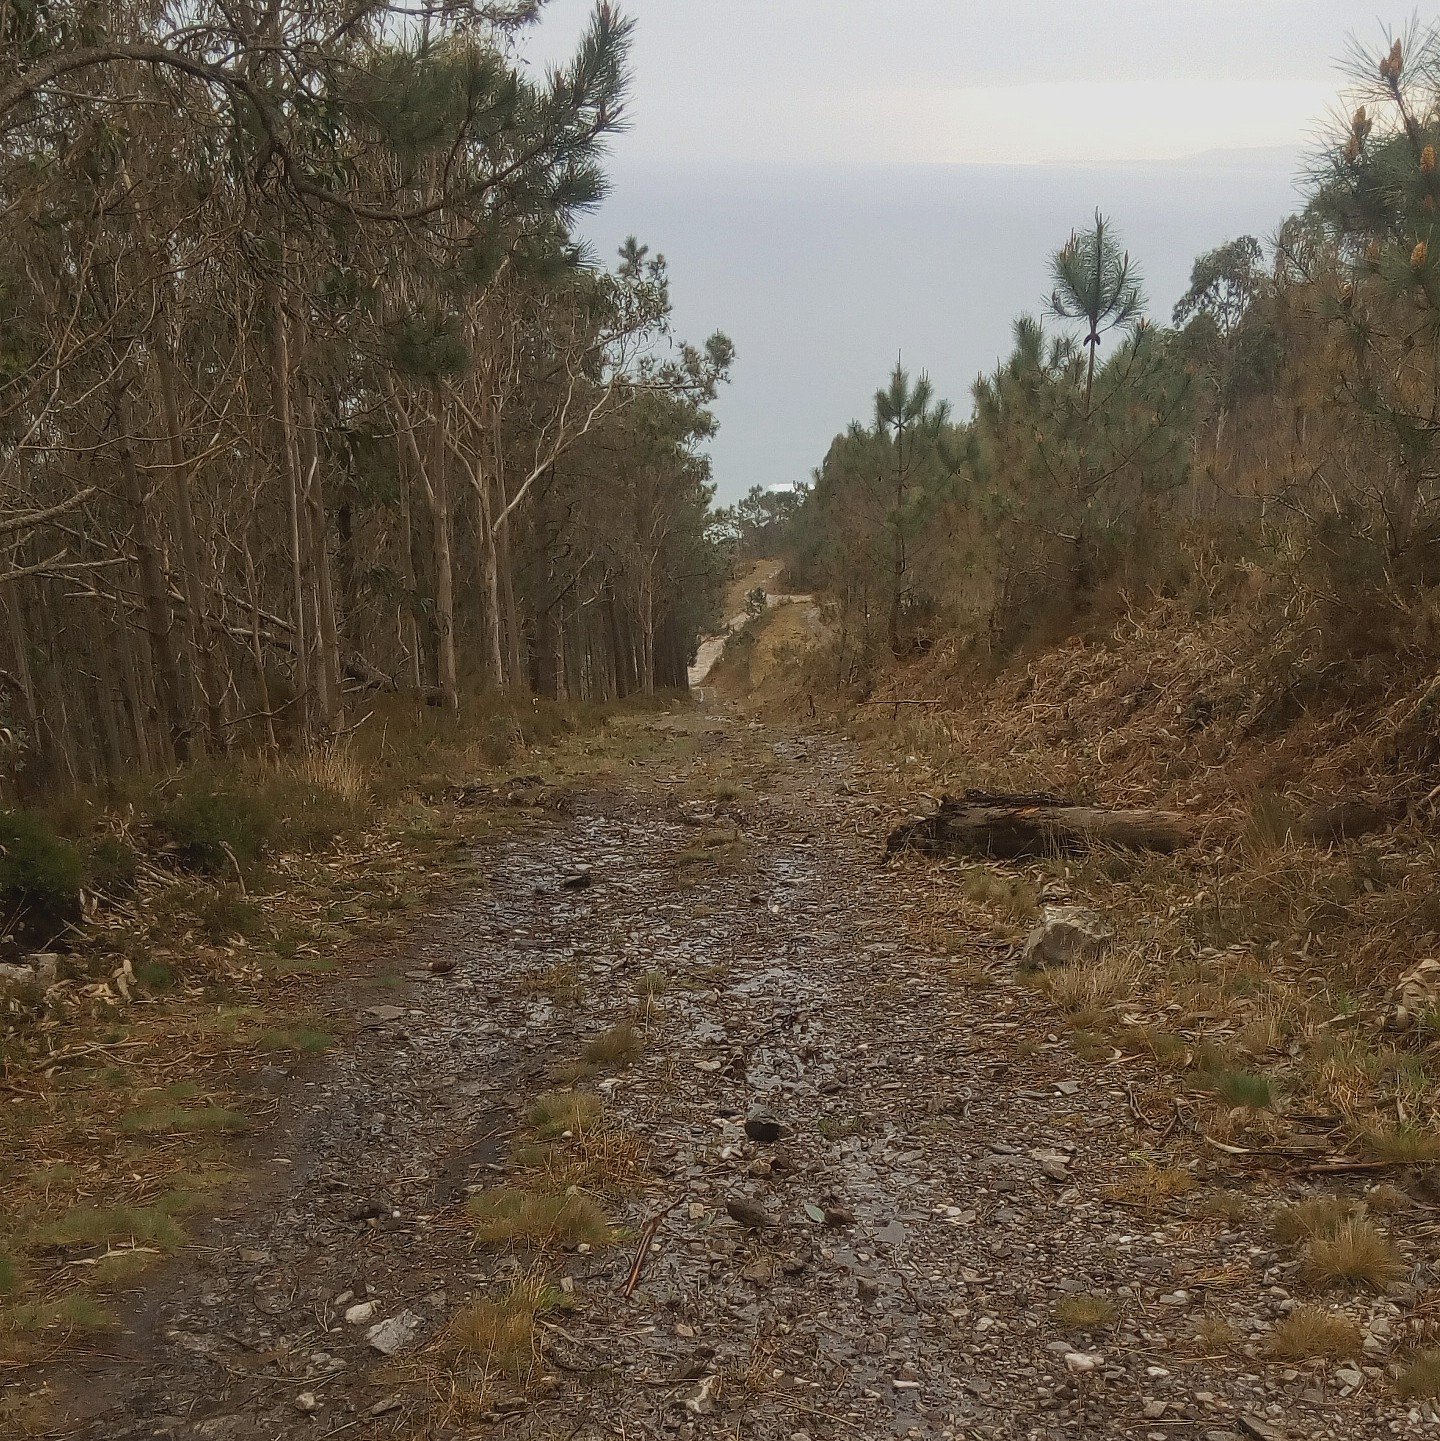 imaxe dun camiño de monte con pedra rota